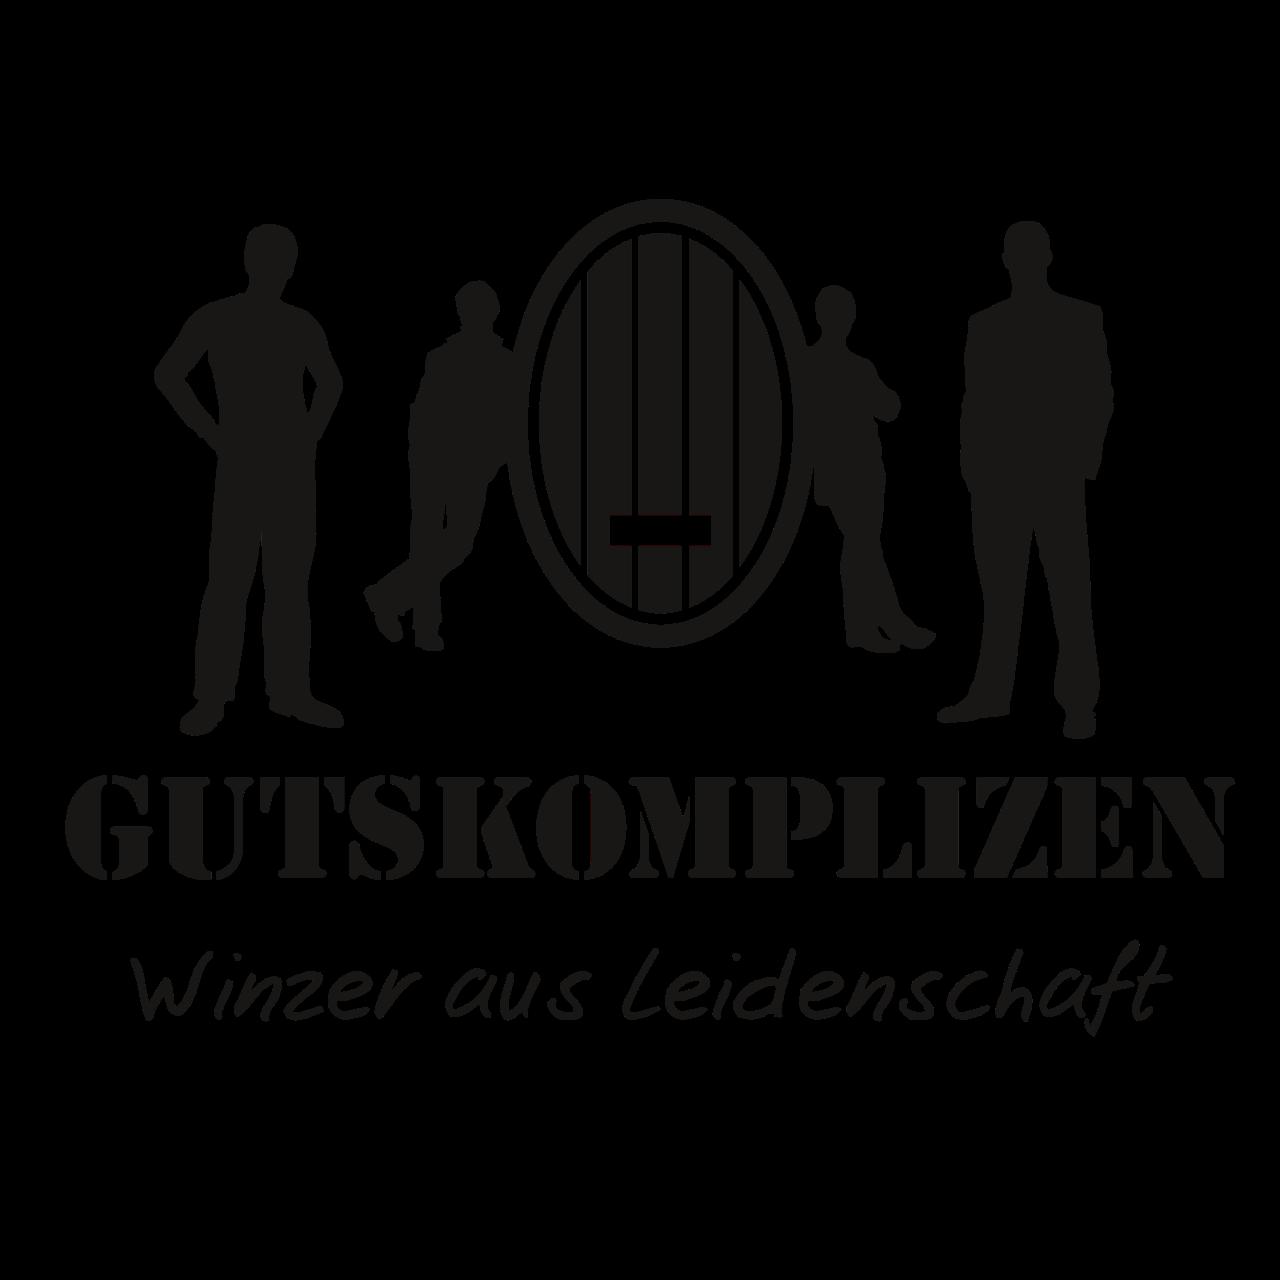 Gutskomplizen – Logo PNG1